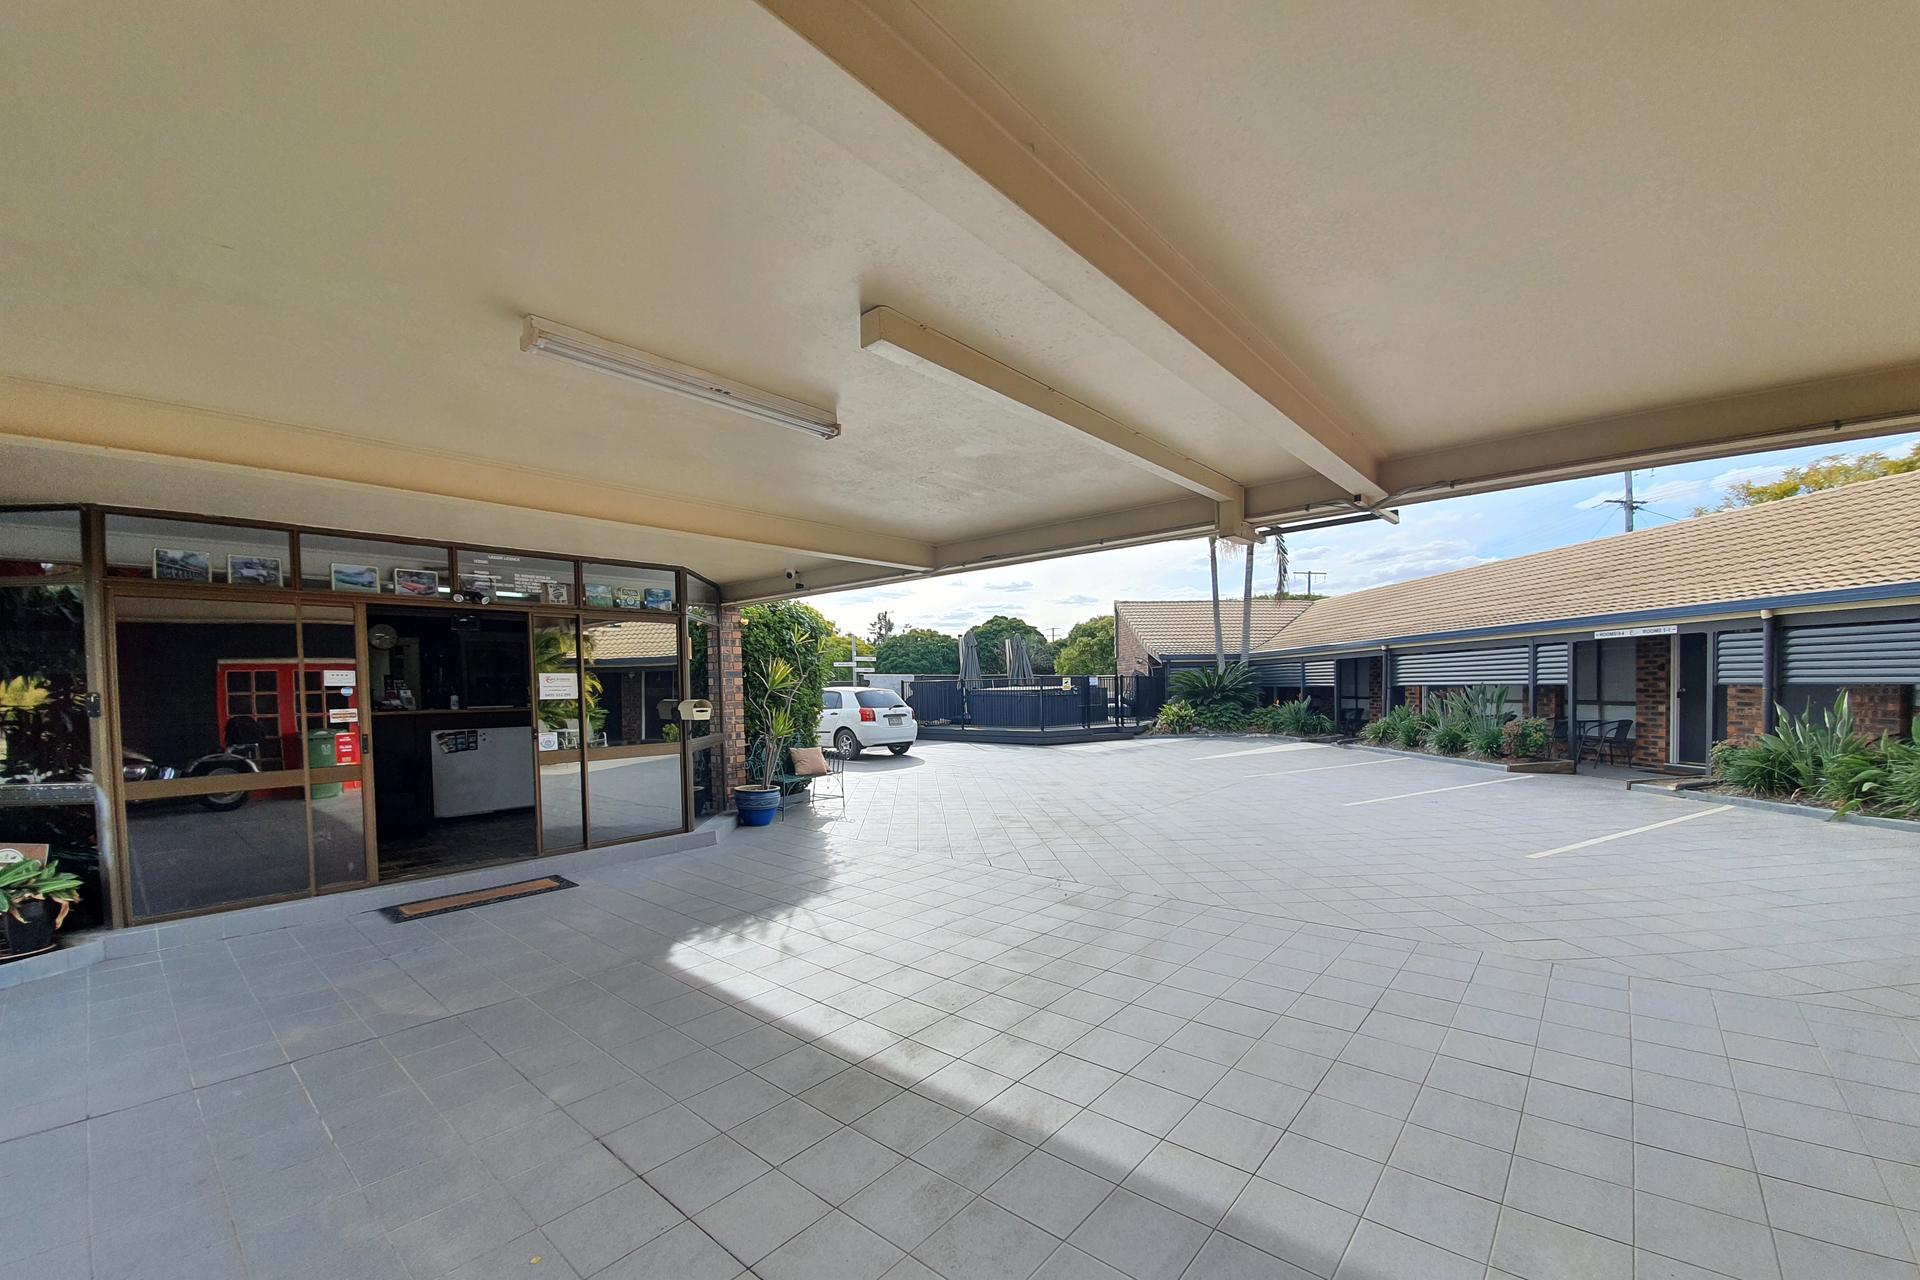 i - Esk Wivenhoe Motor Inn